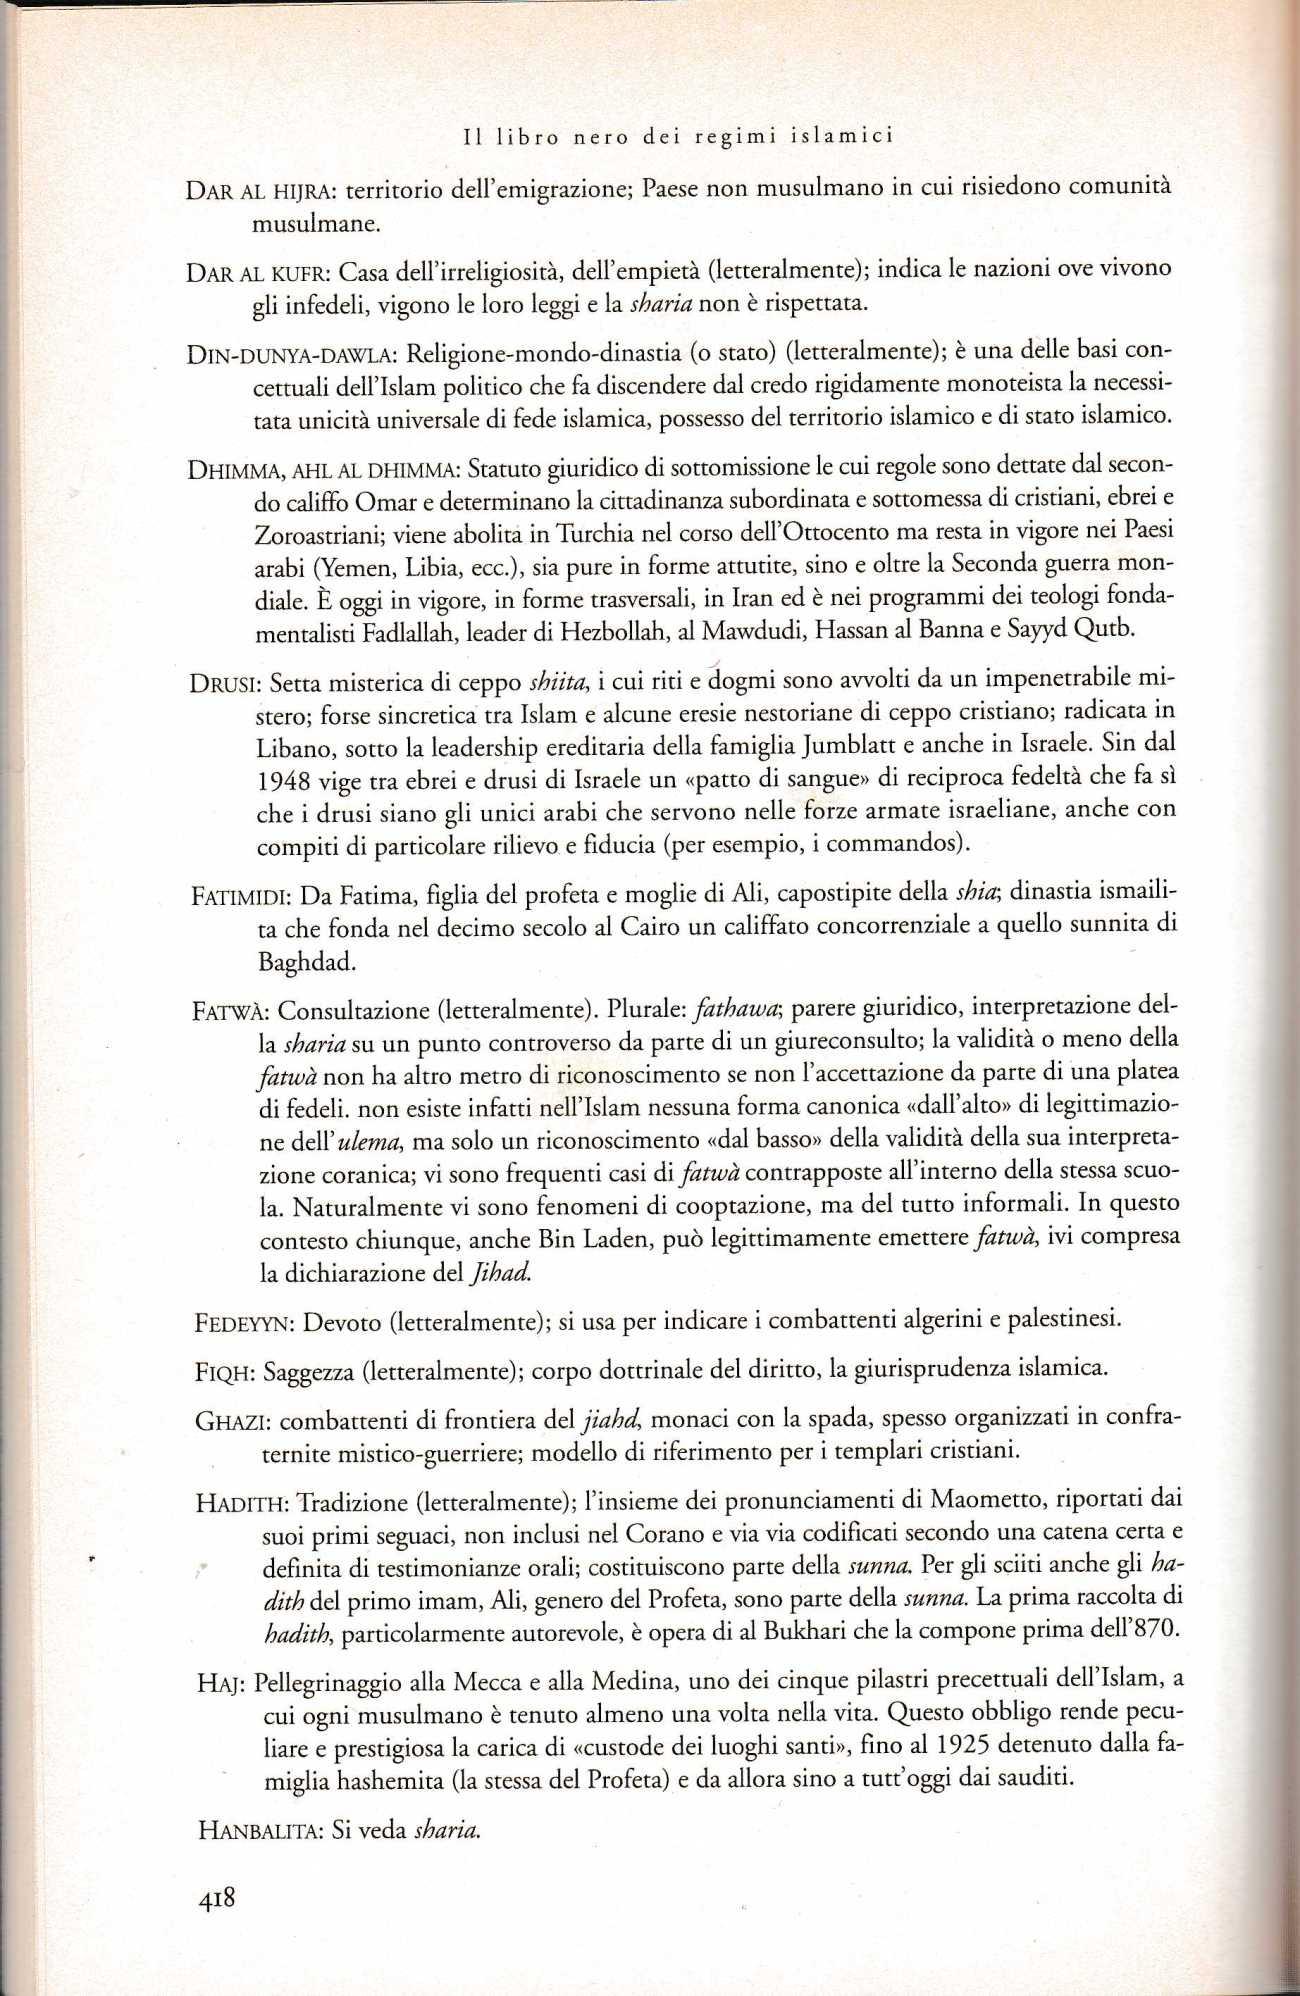 PANELLA libro nero regimi islamici2357